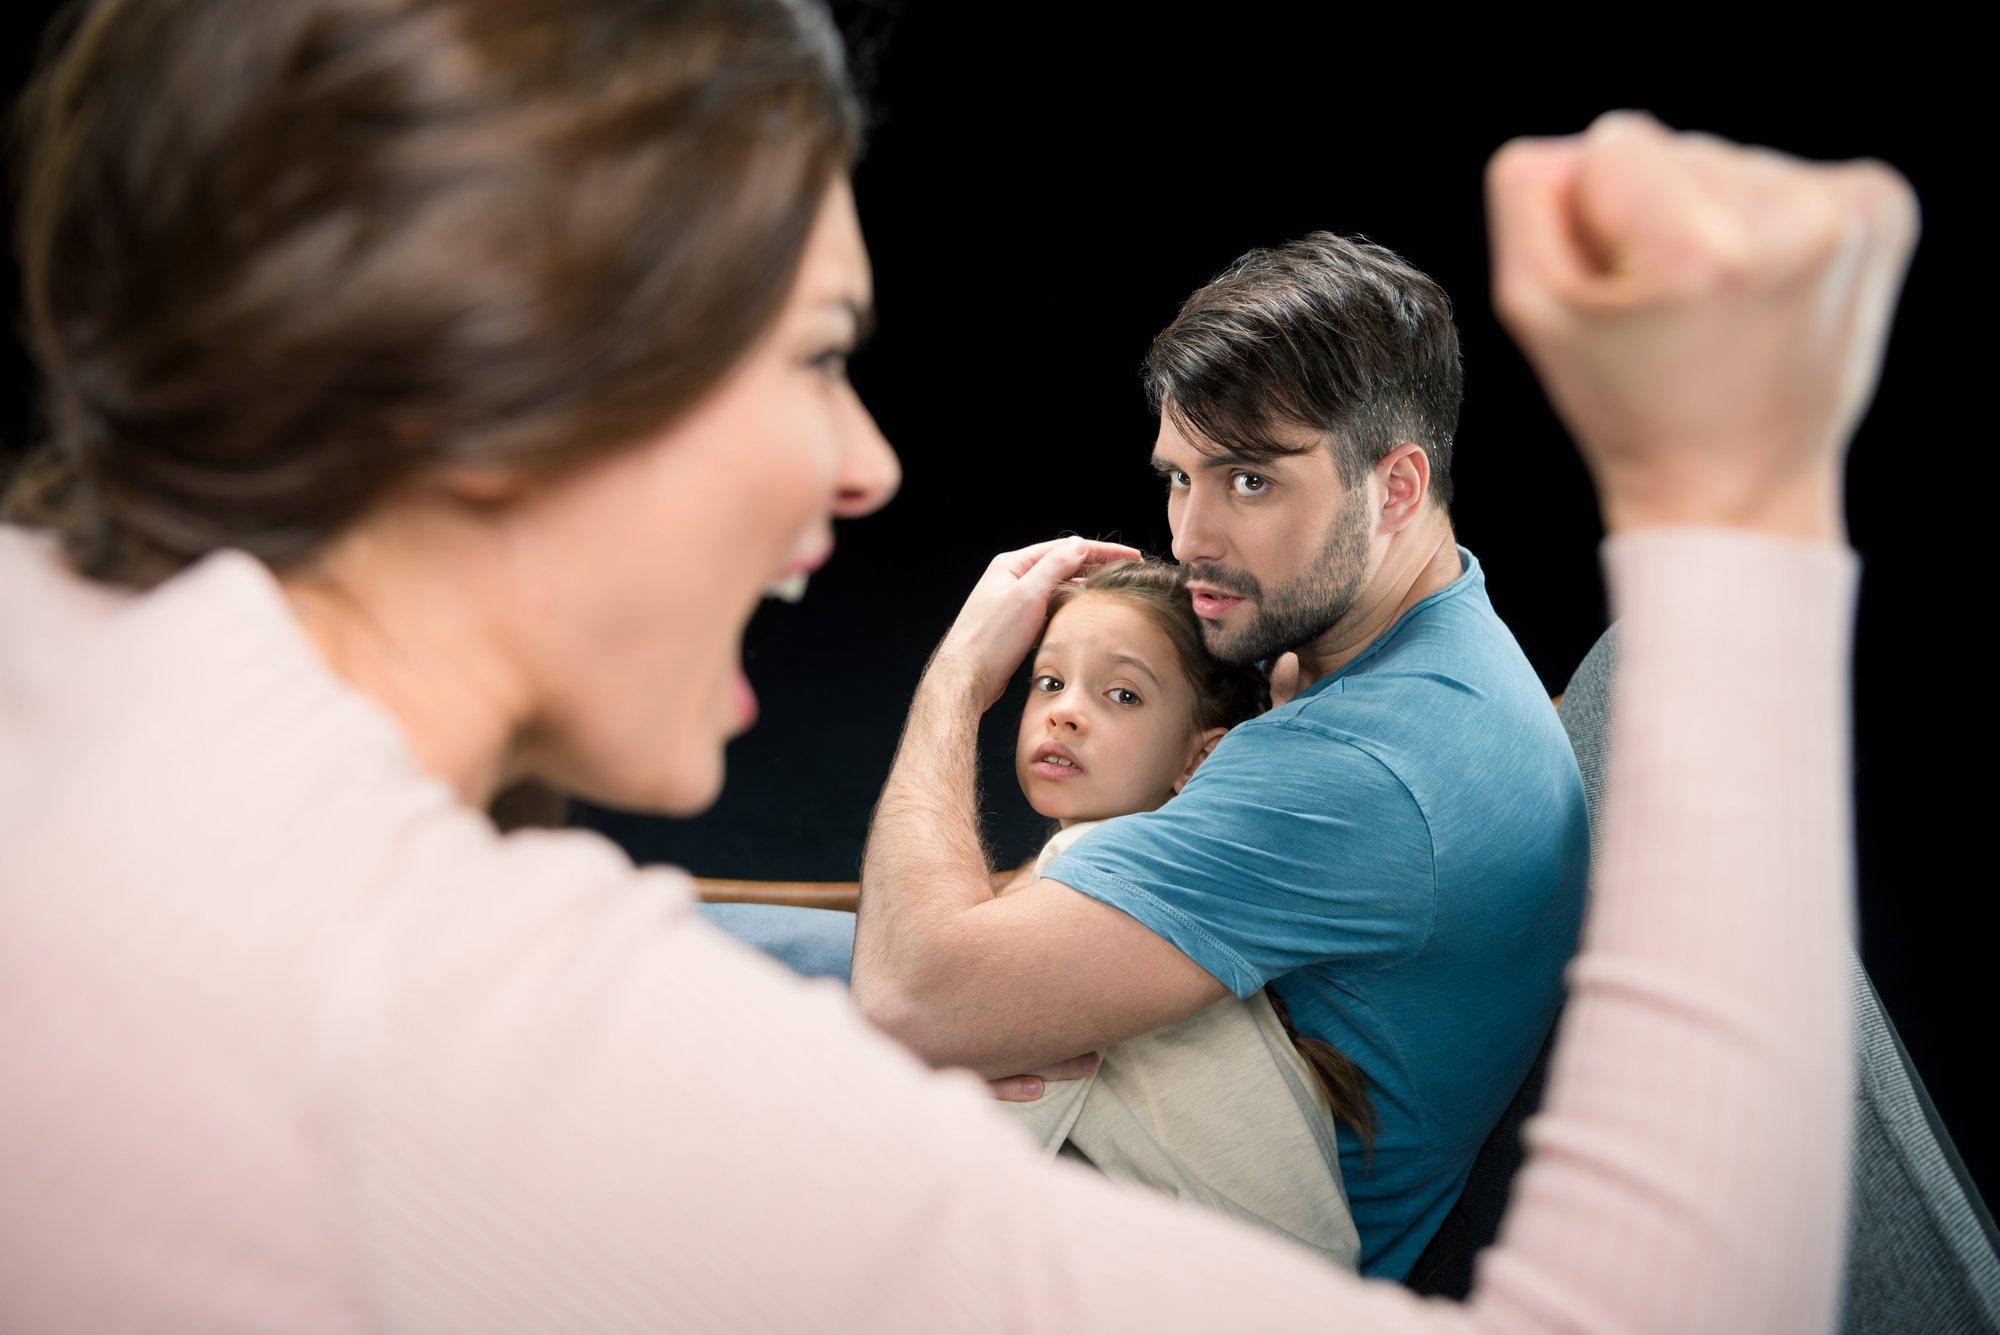 depositphotos 143373835 l 2015.jpg?resize=1200,630 - Les victimes de violence conjugale sont aussi des hommes mais très peu osent en parler.